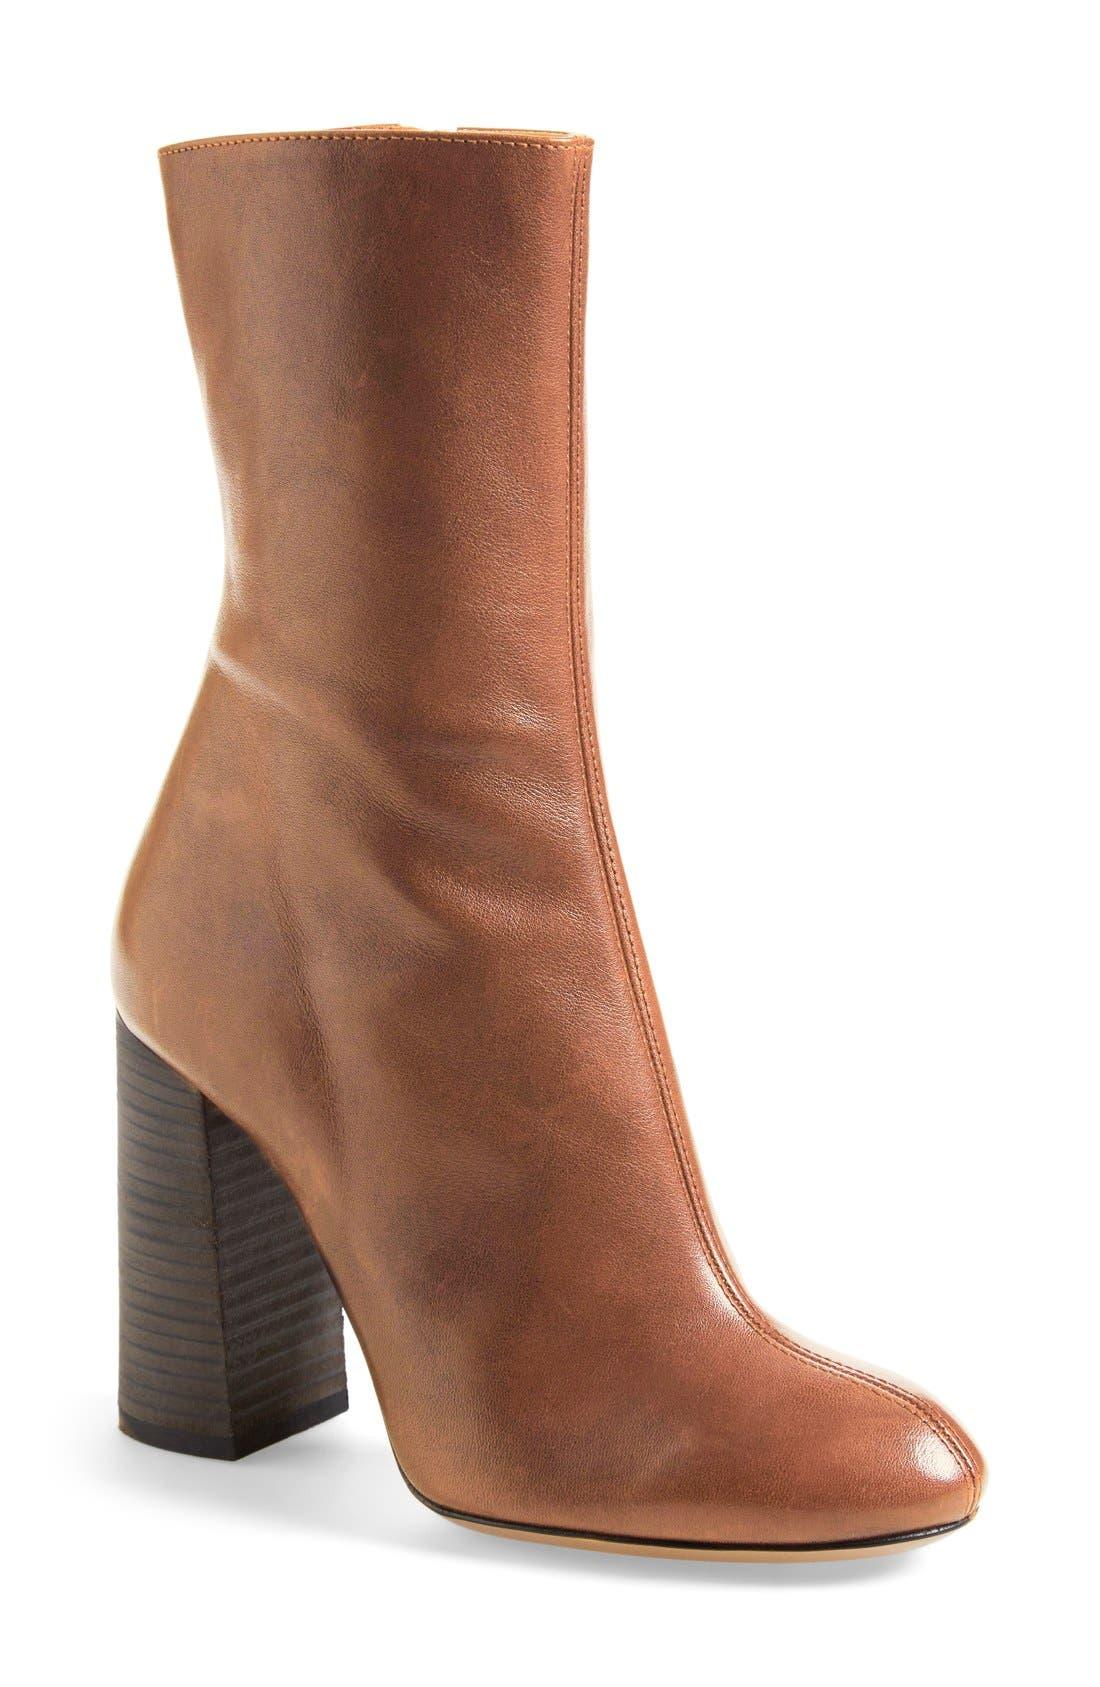 Alternate Image 1 Selected - Chloé 'Harper' Boot (Women)